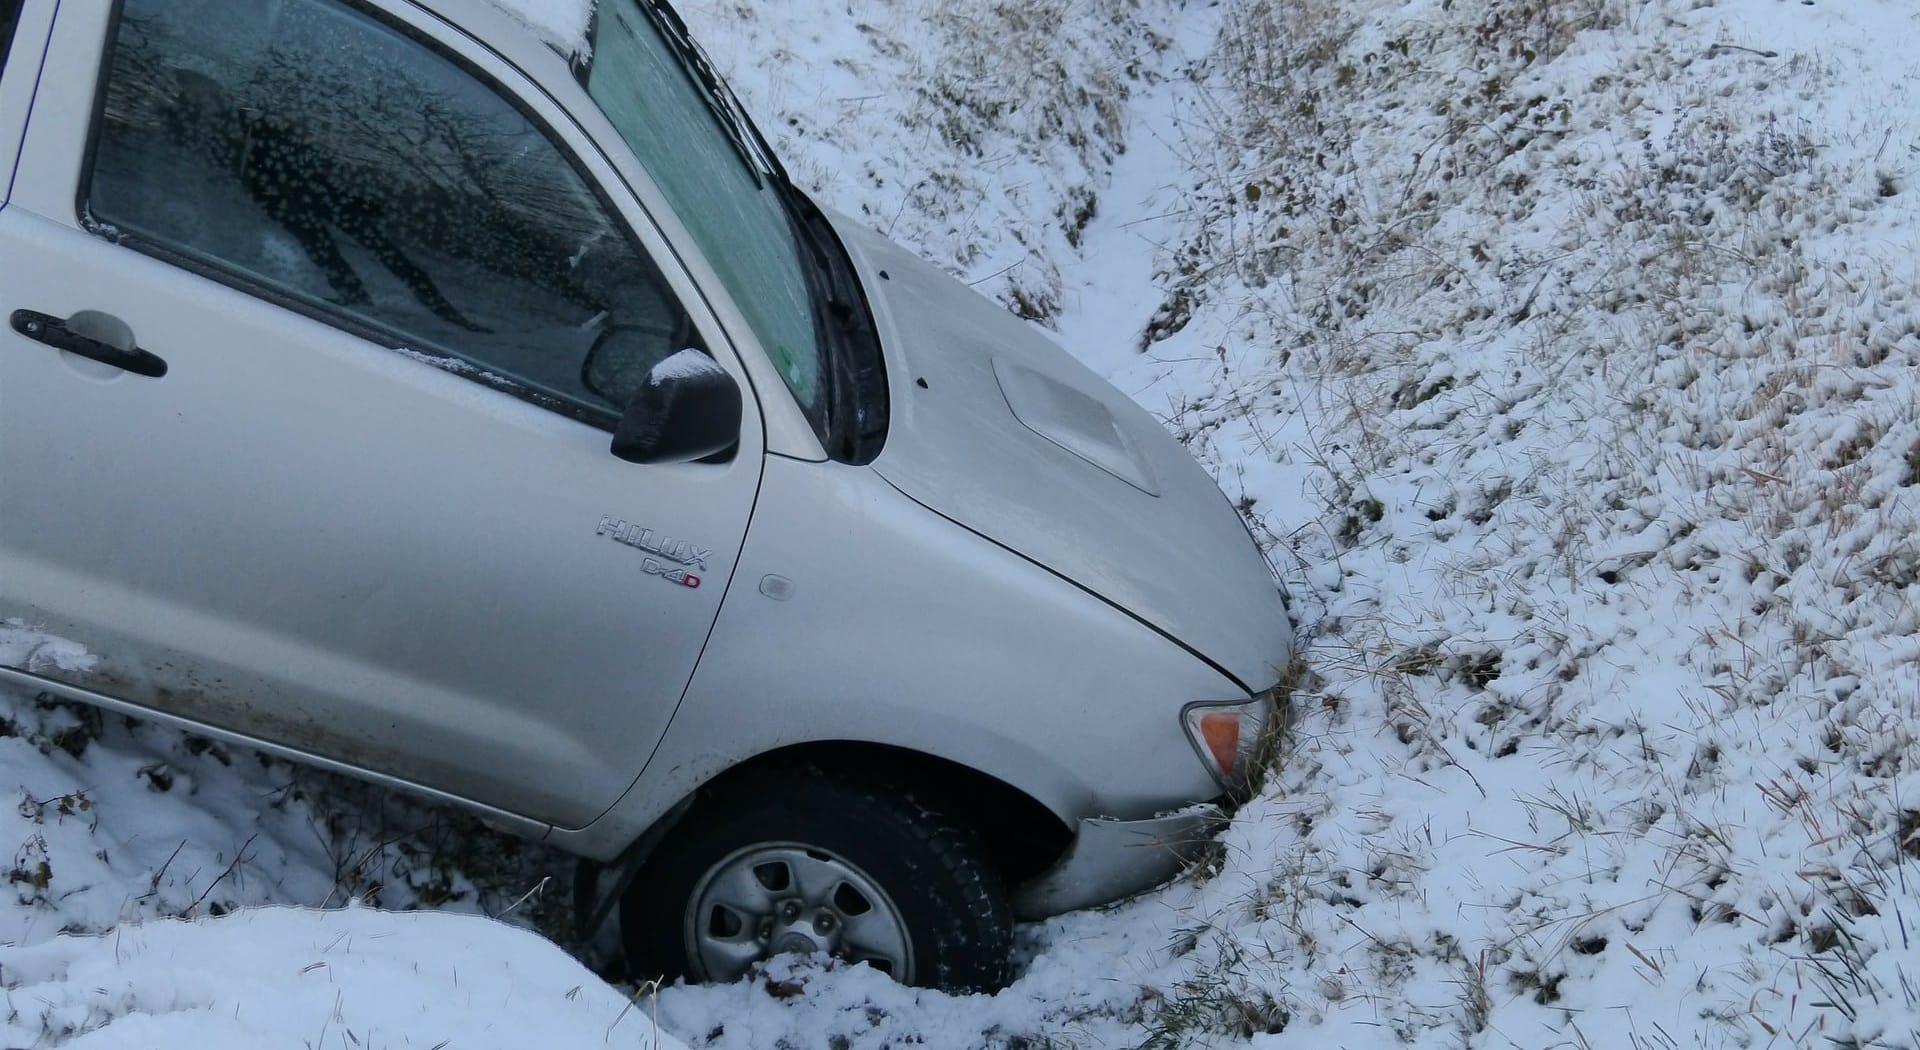 Biluhell kan gi alvorlige skader, og store erstatningskrav. Det lønner seg som regel å bruke advokat som er spesialist hvis du skal få erstatningen du har krav på.